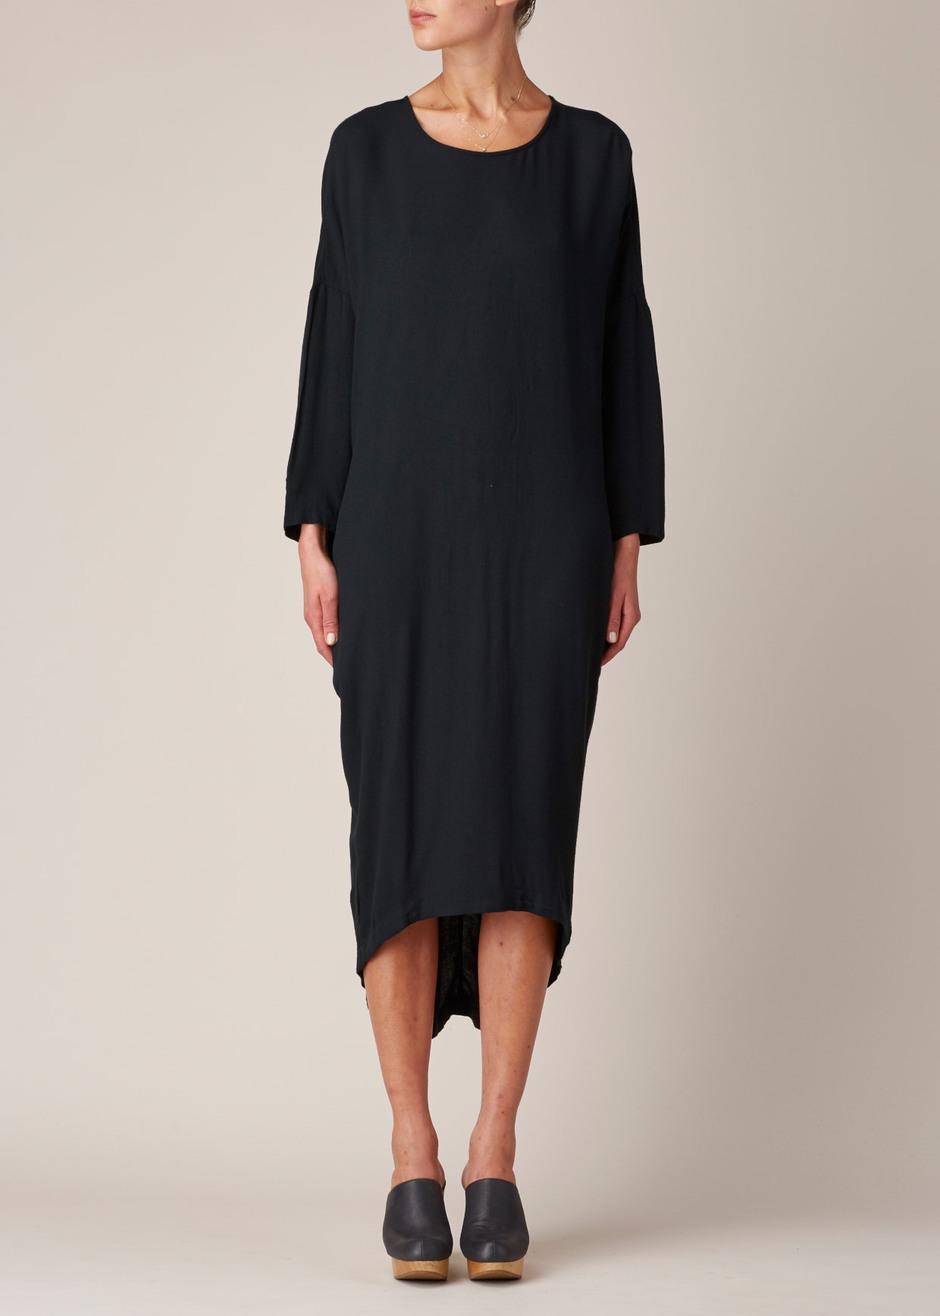 Cocoon Dress Black Crane And Make You Look Like A Princess